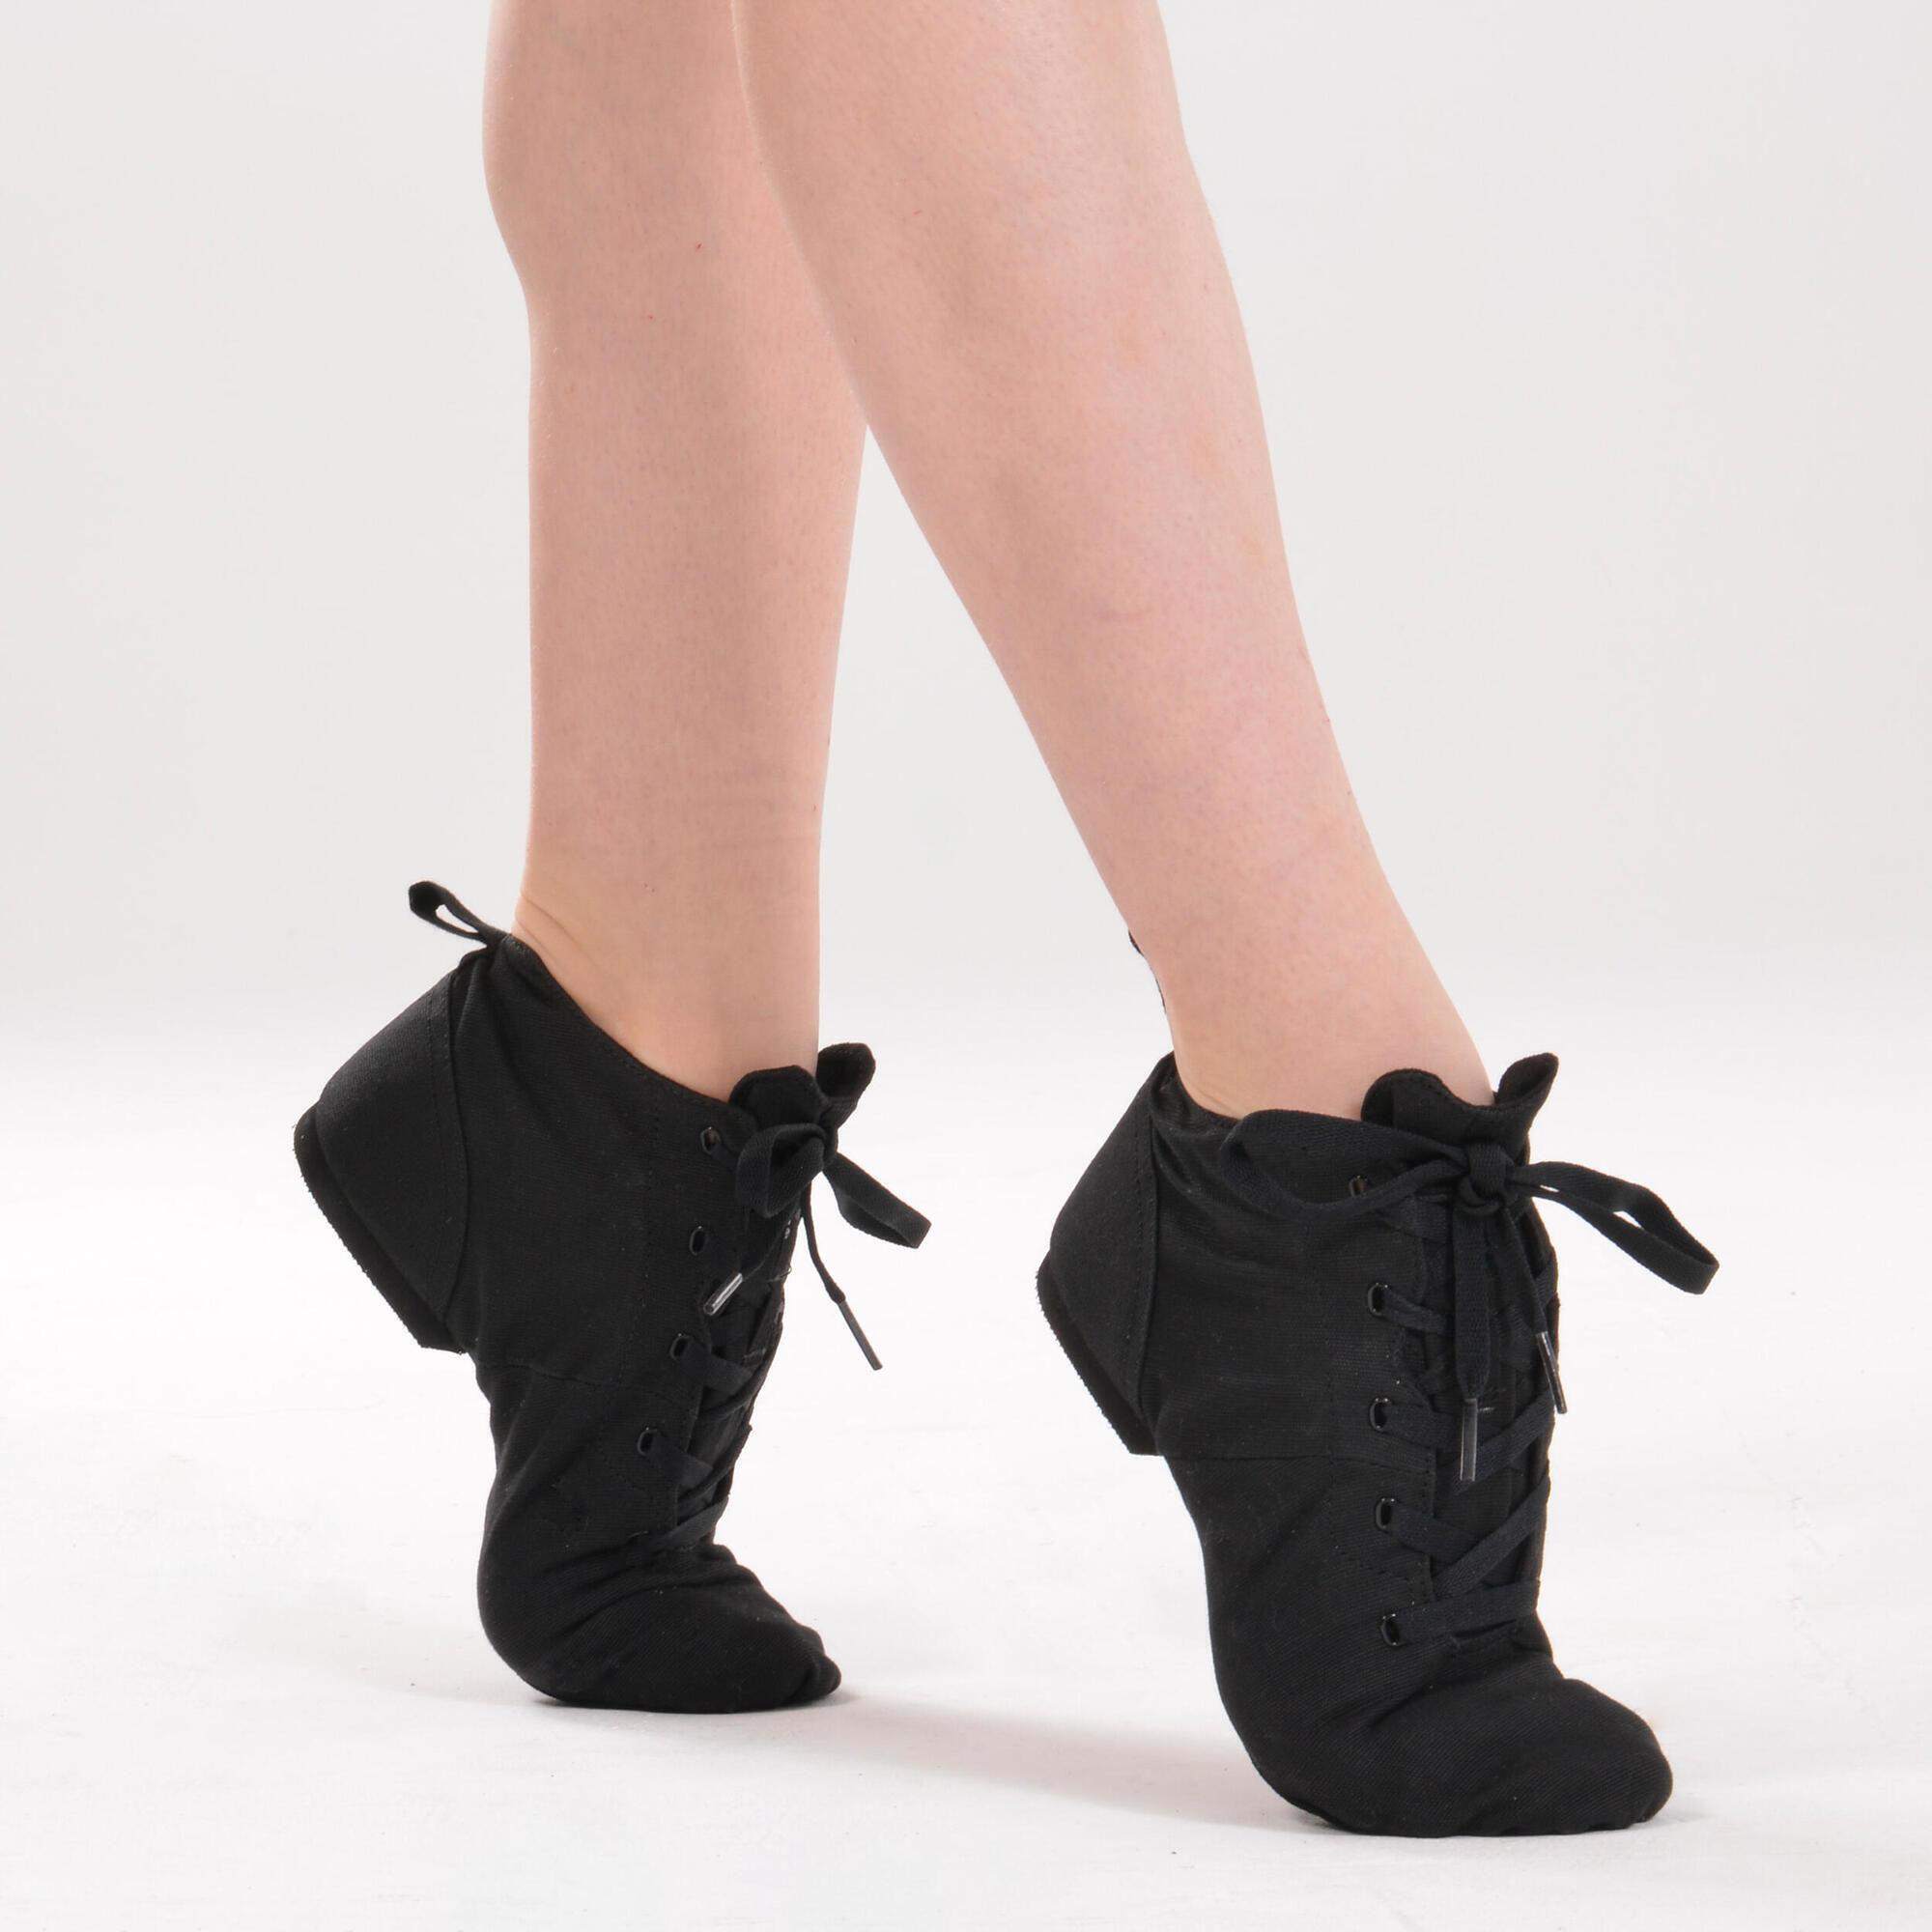 Buty do tańca jazzowego